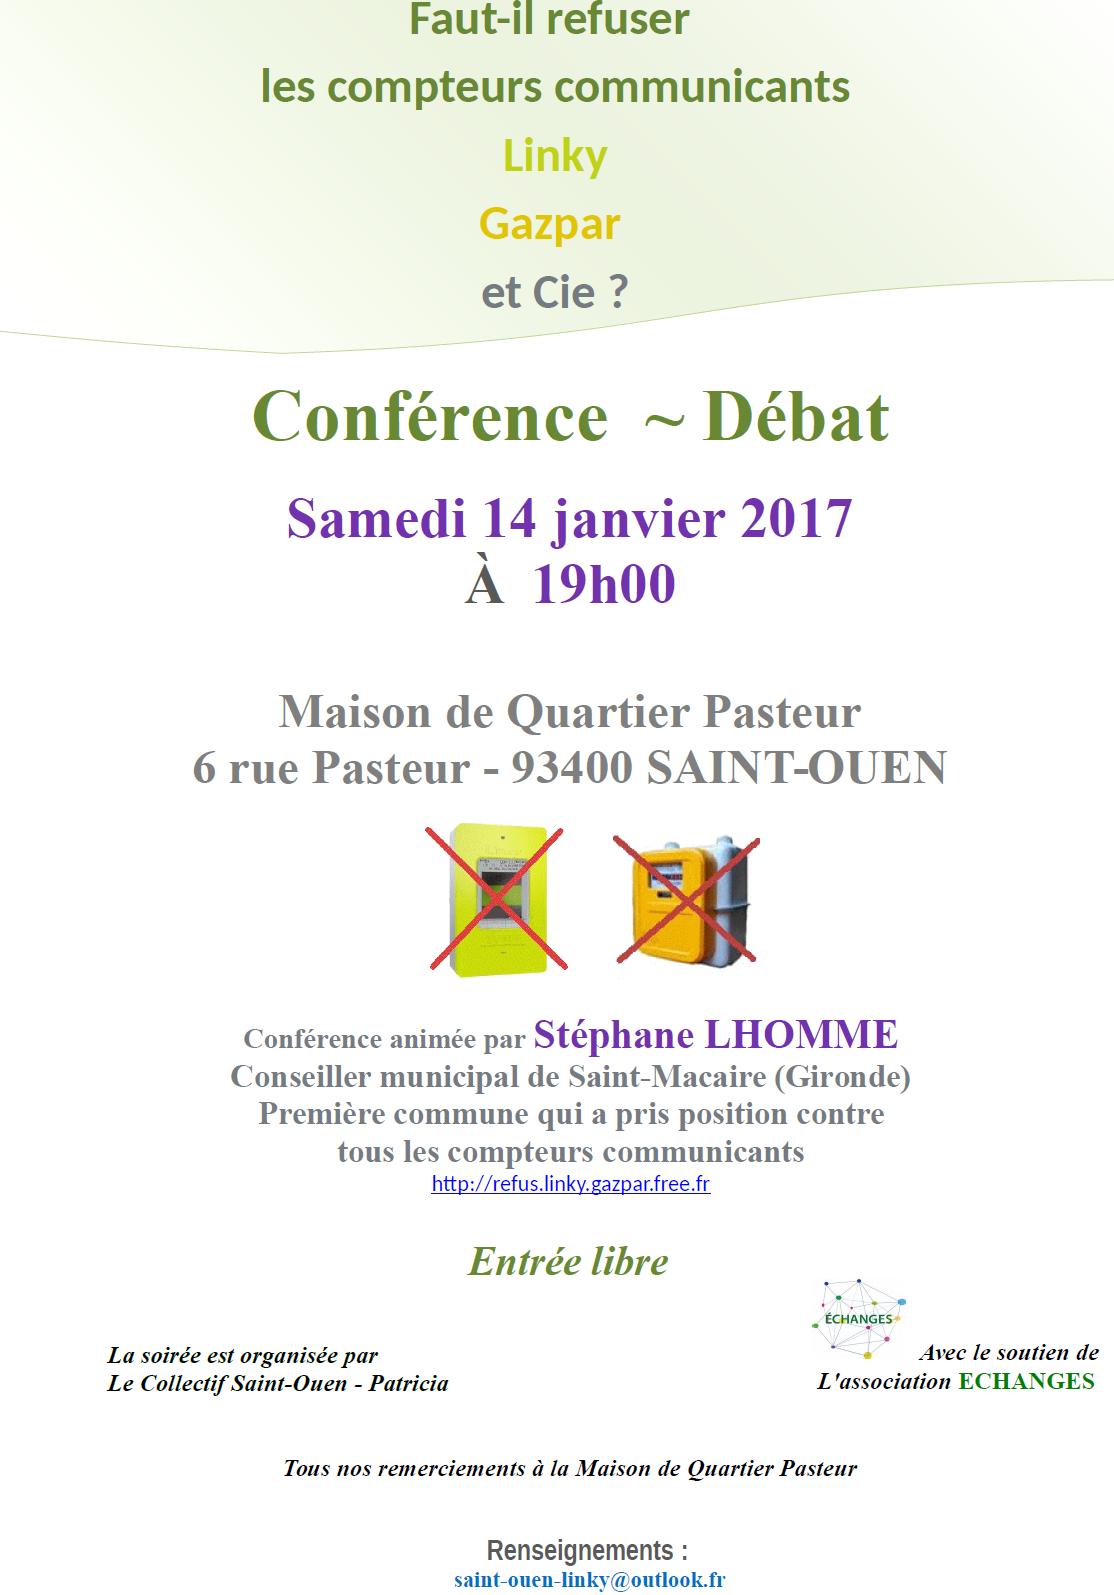 www refus linky gazpar free fr